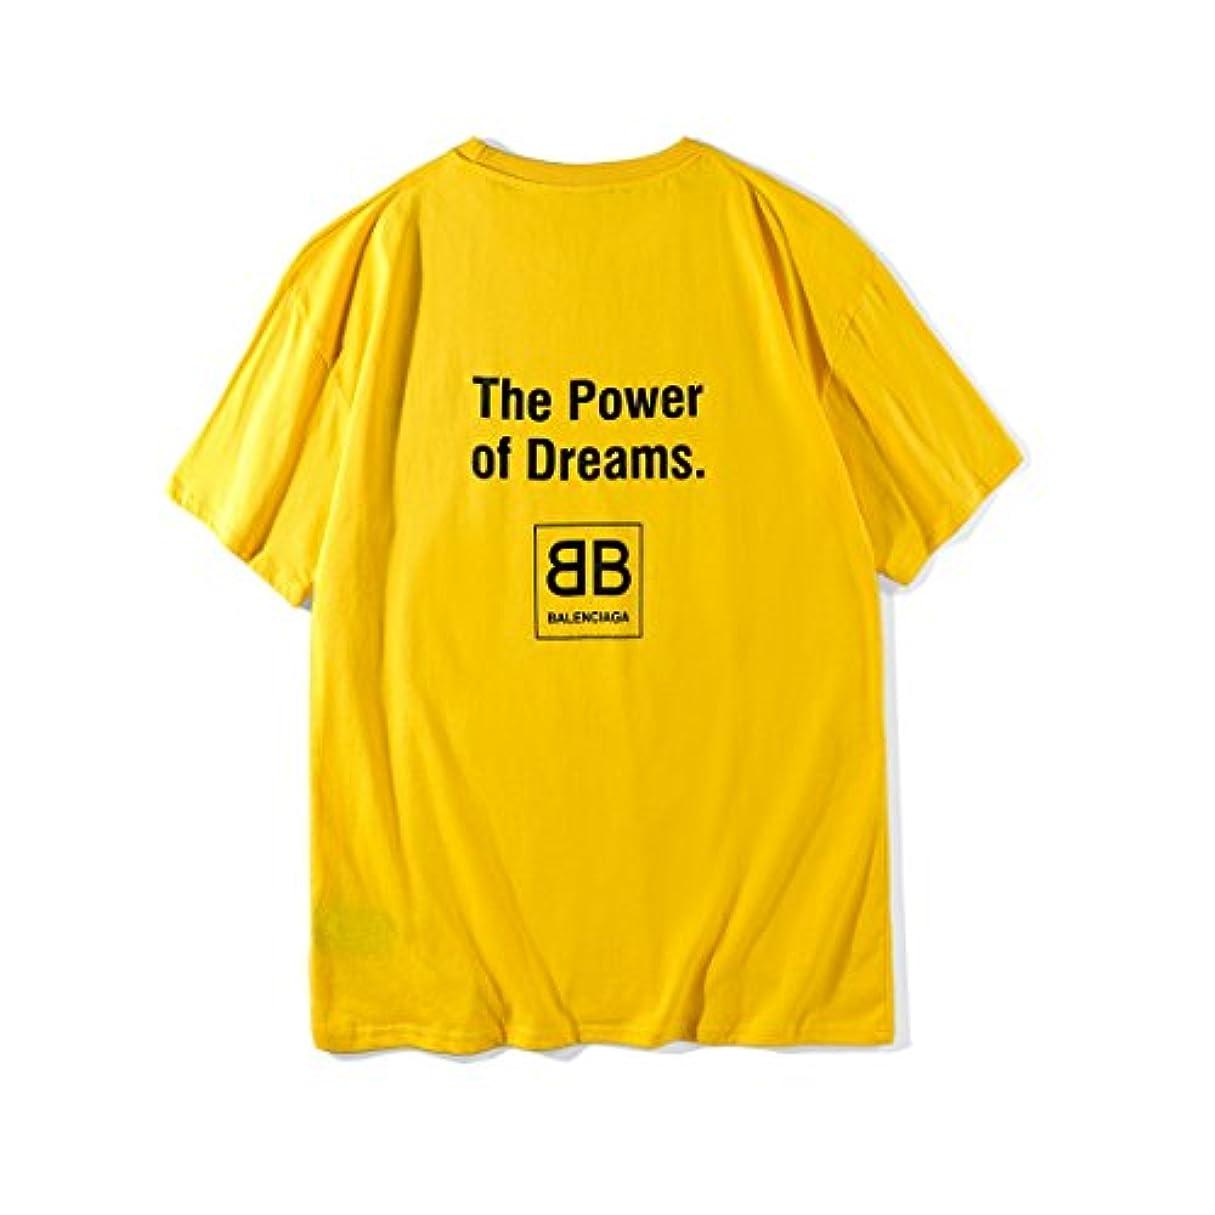 目立つ自然ウールバレンシアガ BALENCIAGA メンズ Tシャツ the power of dreams ゆったり 黄色 夏ウェア (XL)